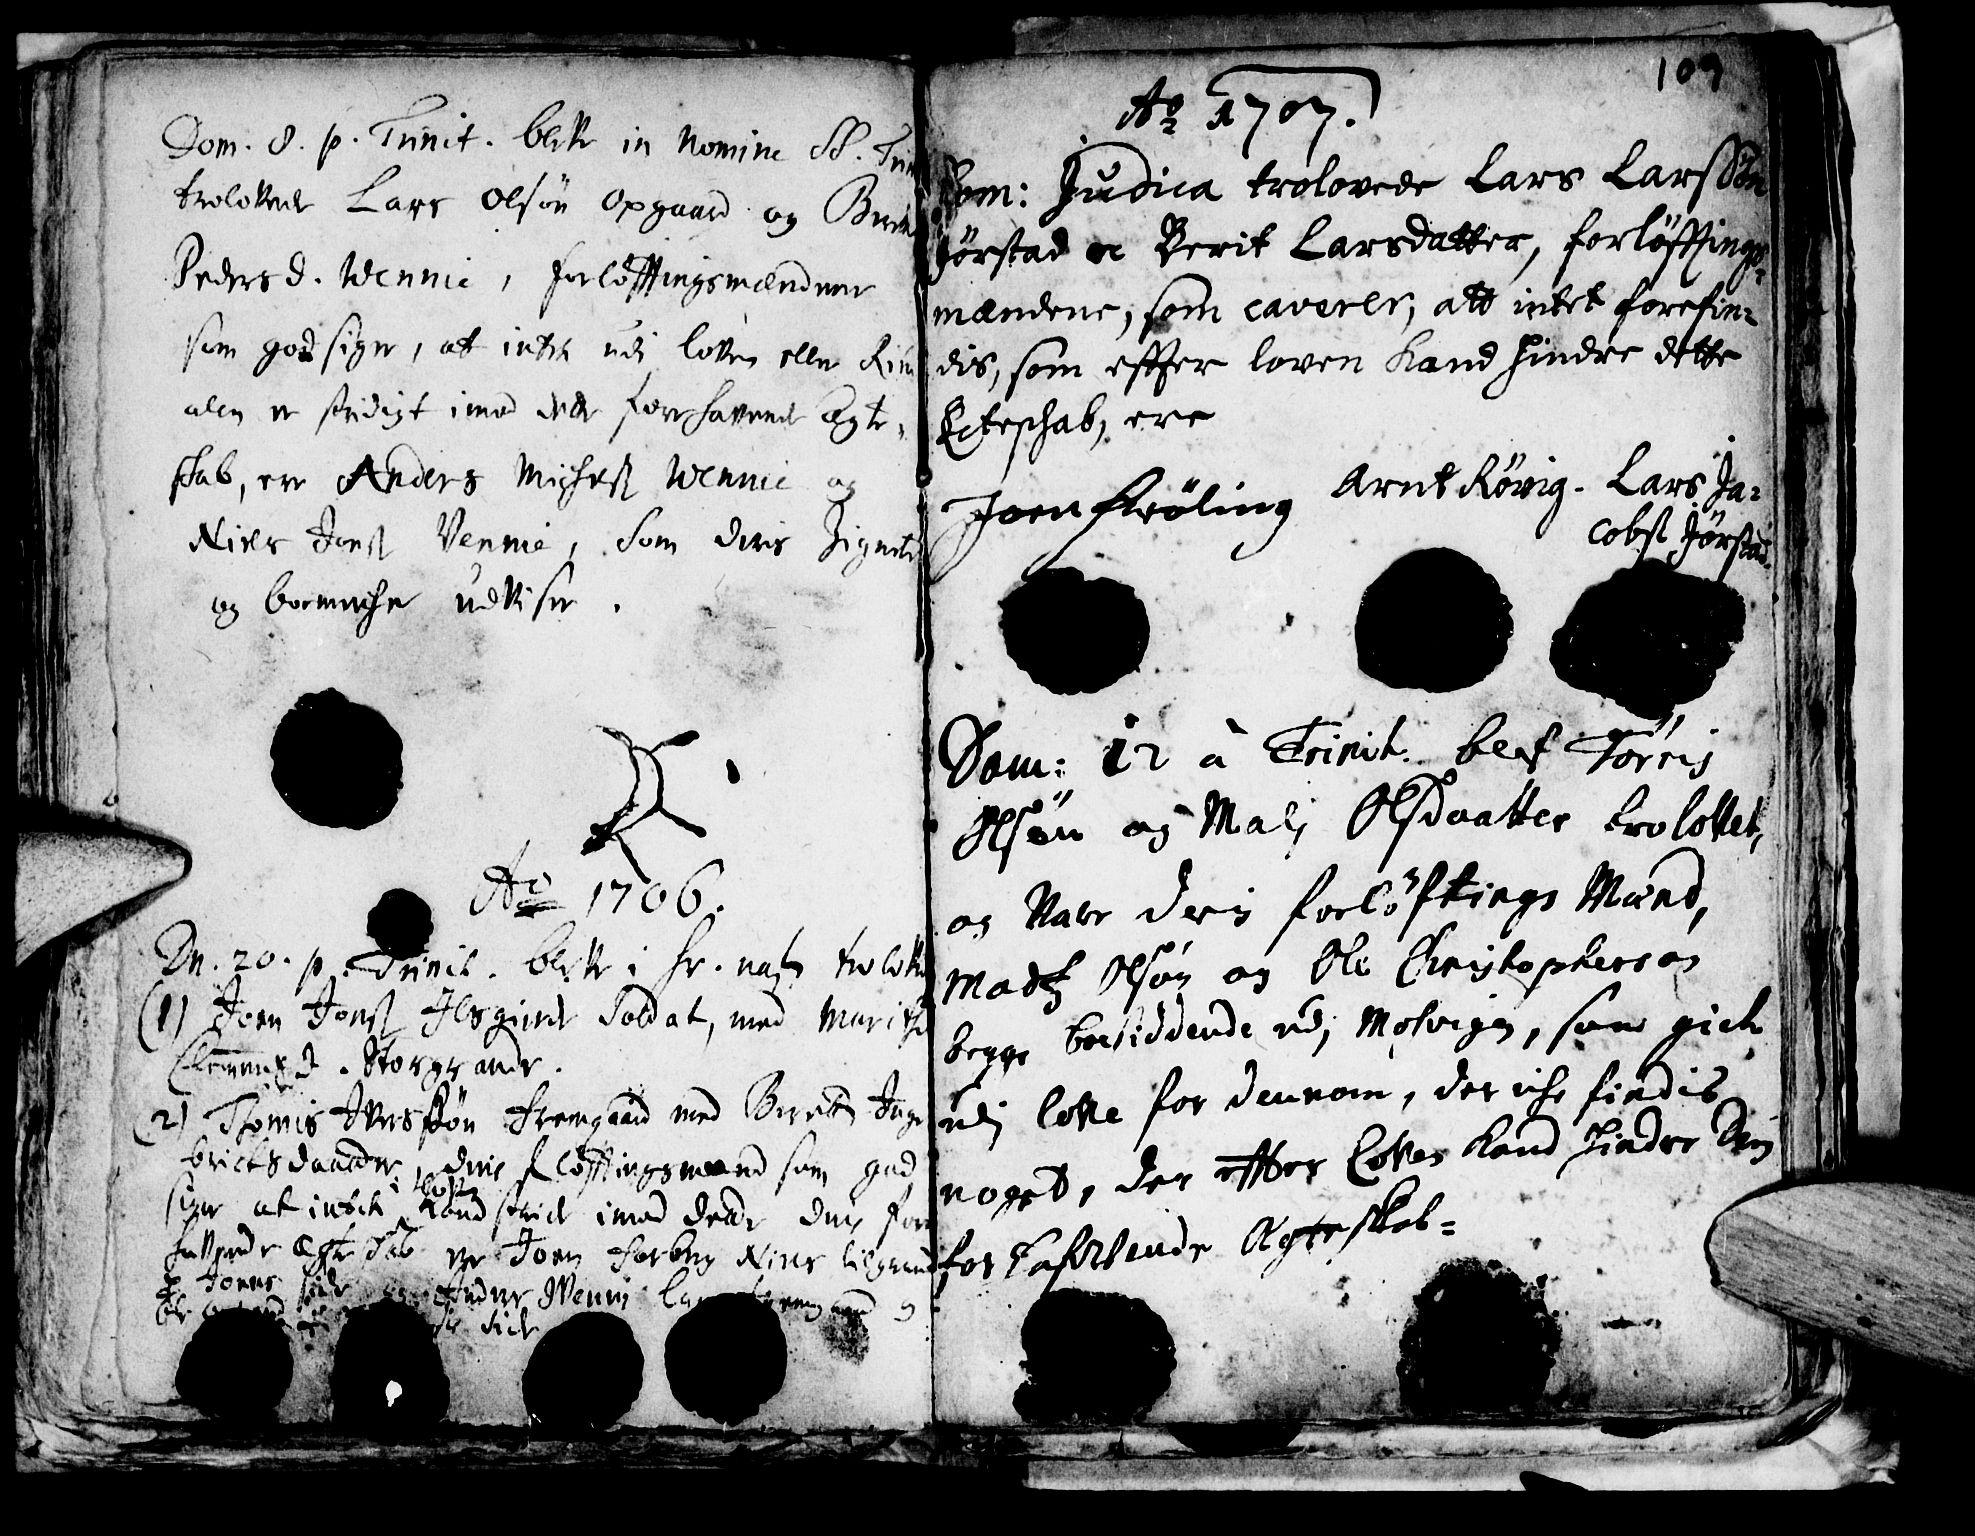 SAT, Ministerialprotokoller, klokkerbøker og fødselsregistre - Nord-Trøndelag, 722/L0214: Ministerialbok nr. 722A01, 1692-1718, s. 109